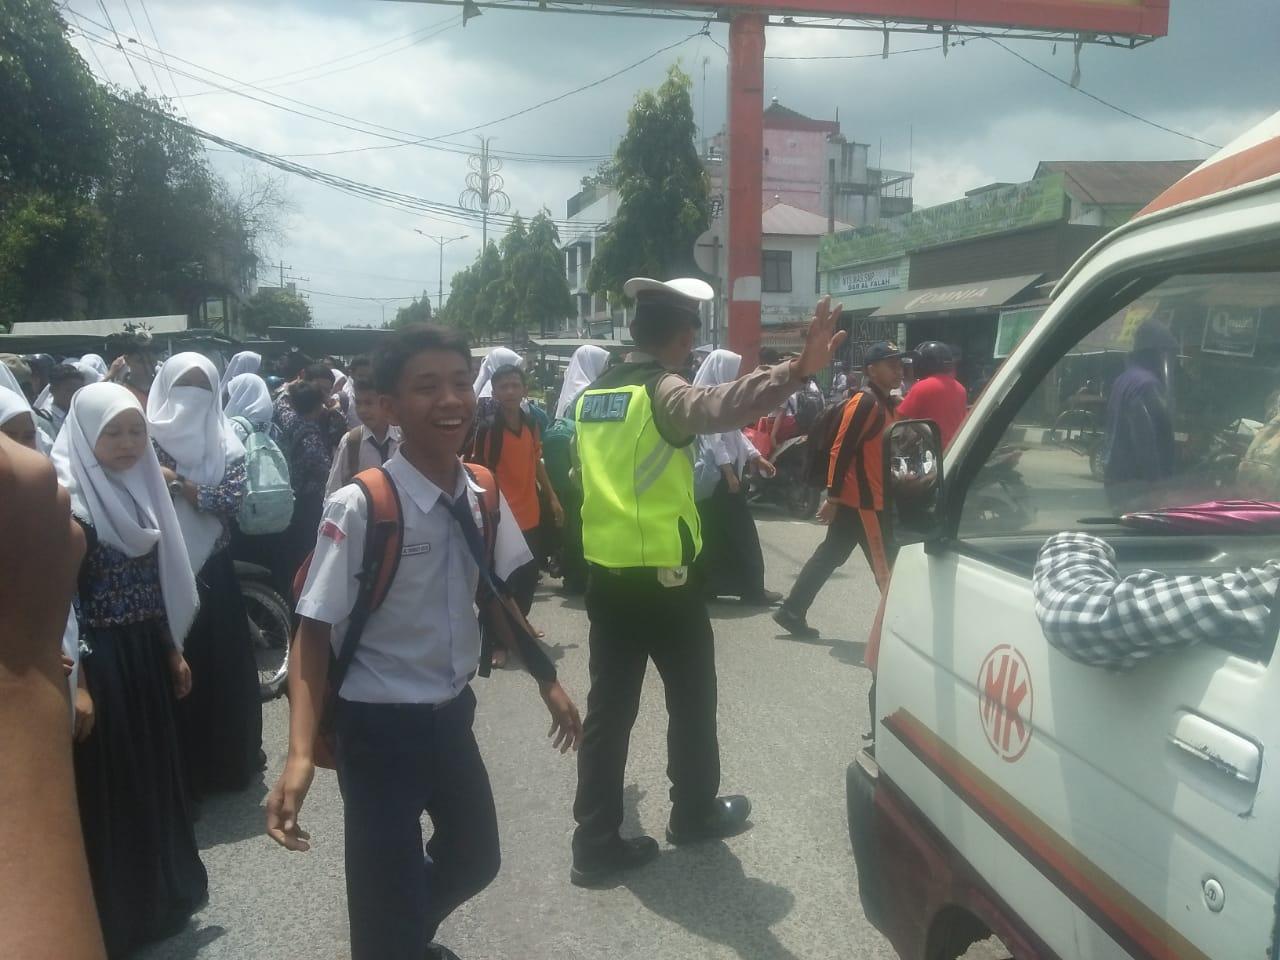 Sat Lantas Polres Tanjung Balai, Atur Kemacatan Penyeberangan Jalan, Jam Masuknya Anak Sekolah